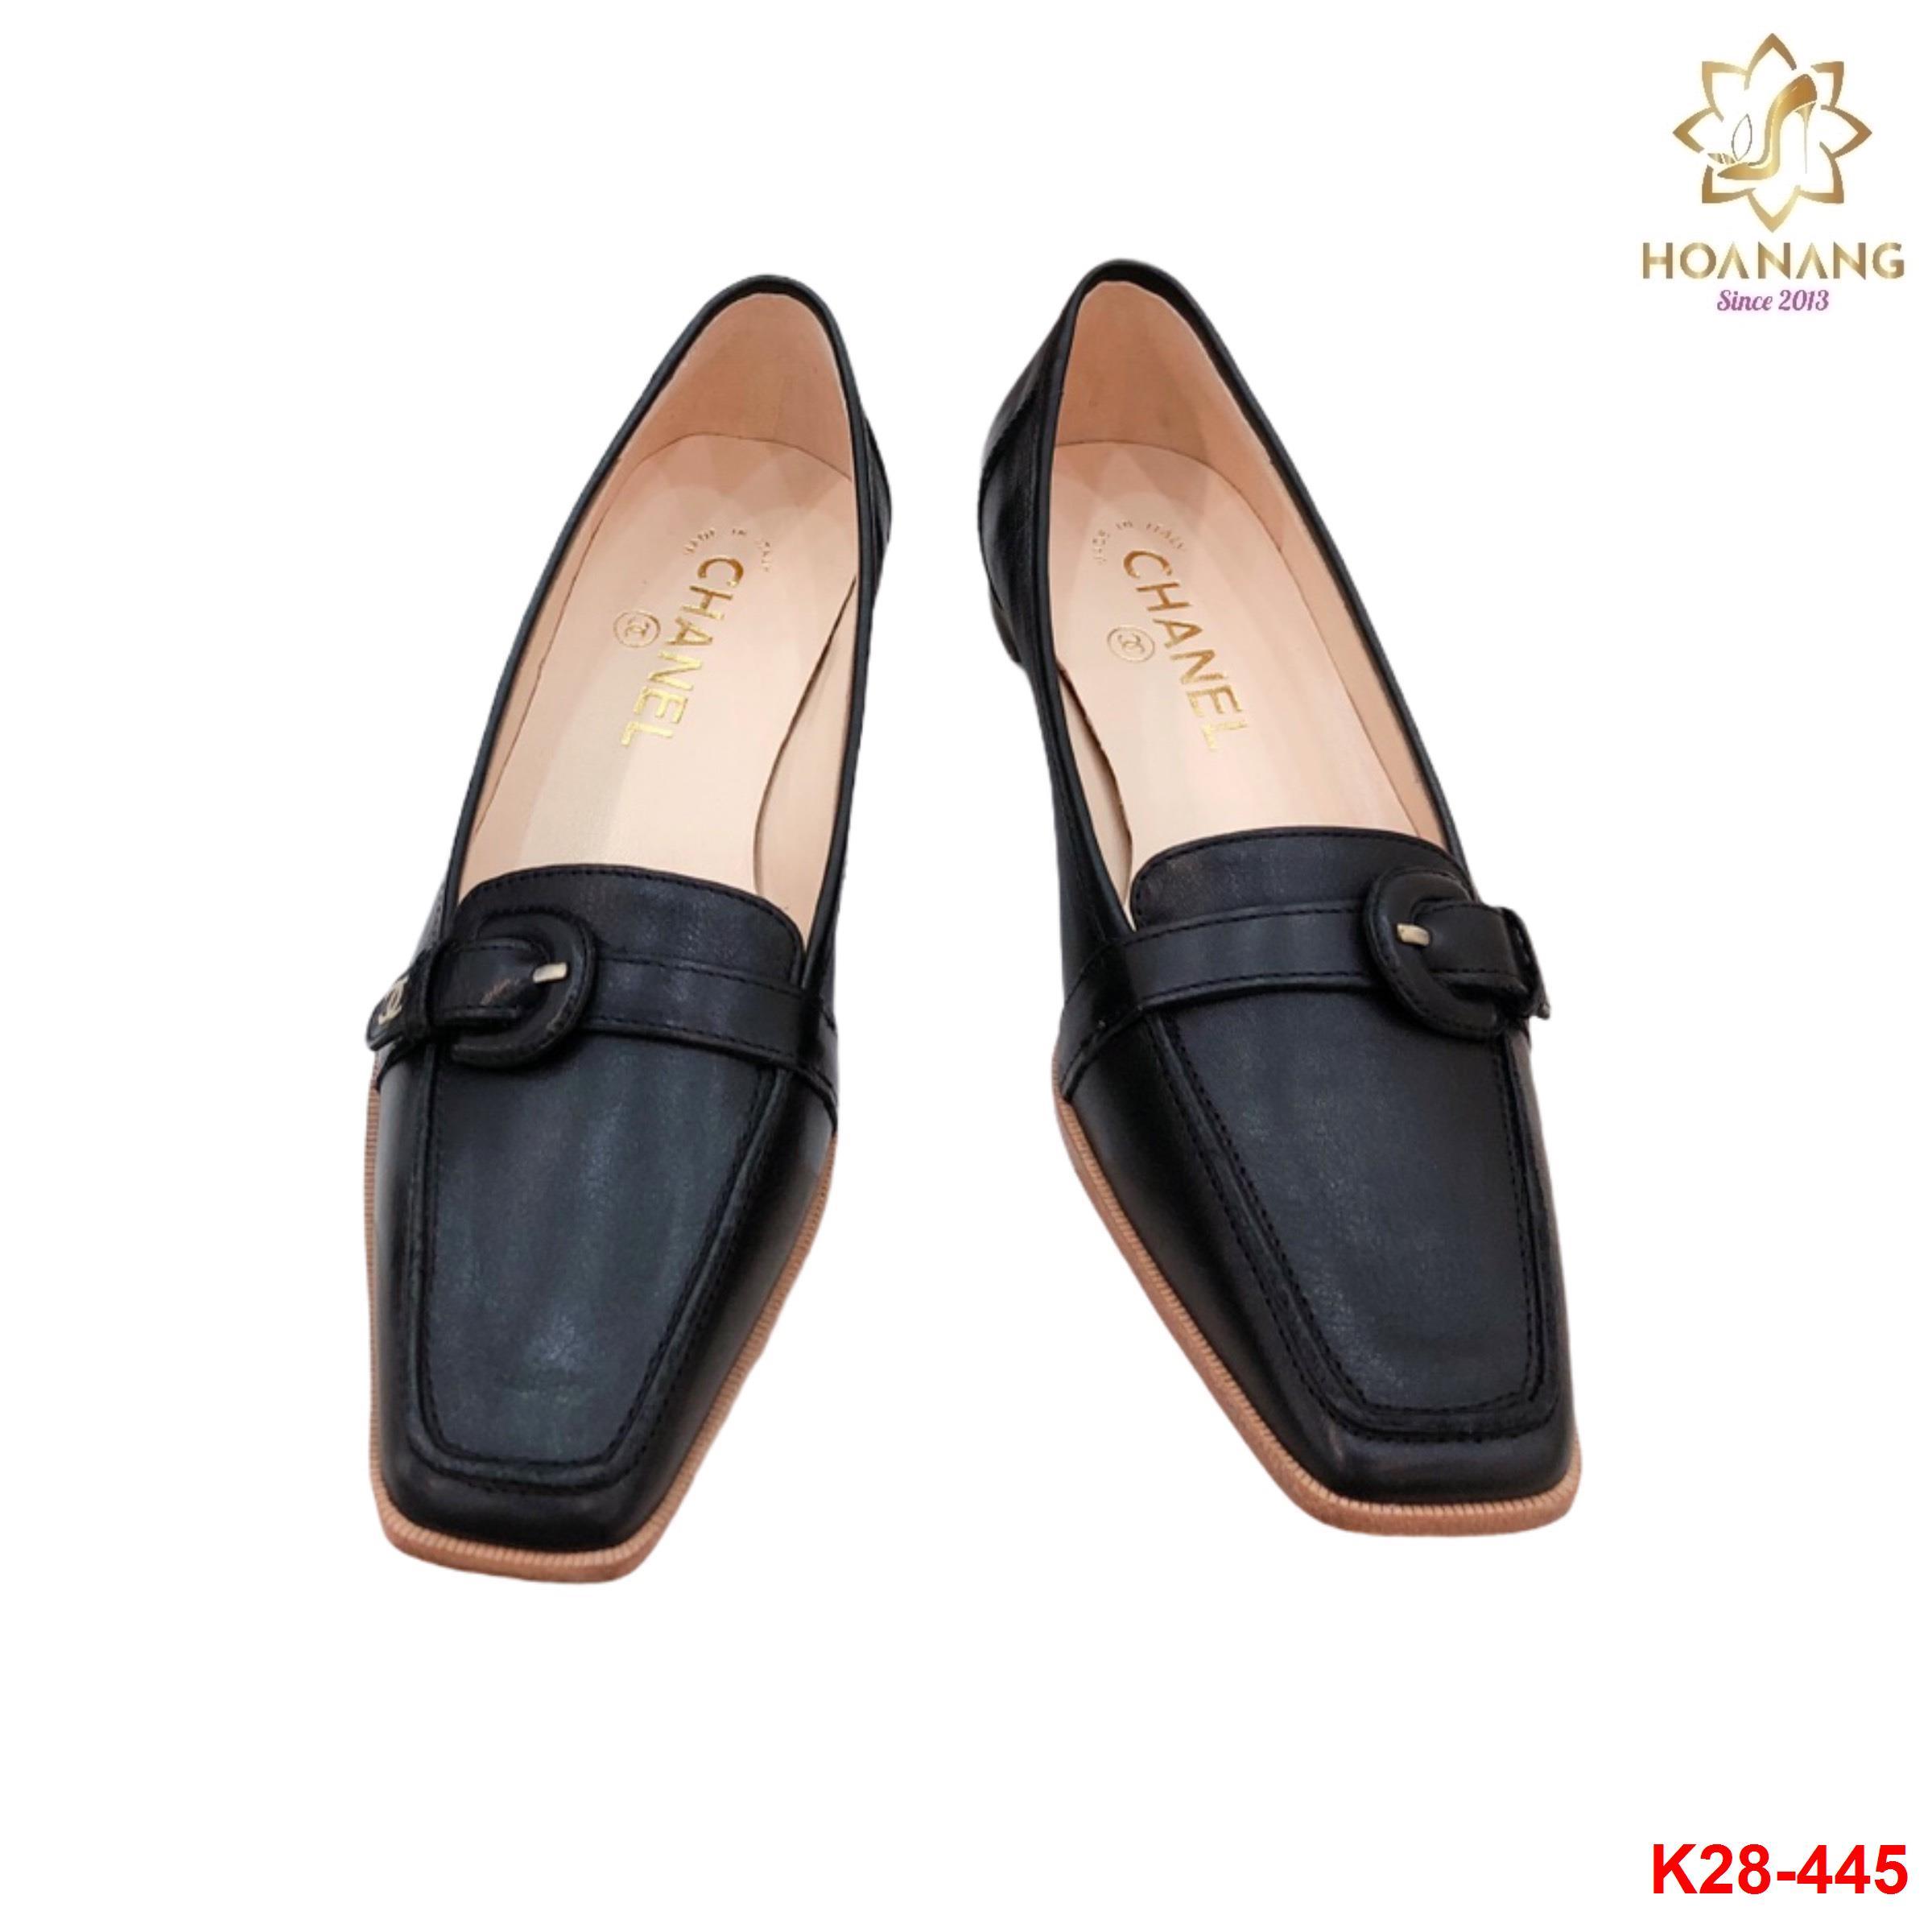 K28-445 Chanel giày lười siêu cấp